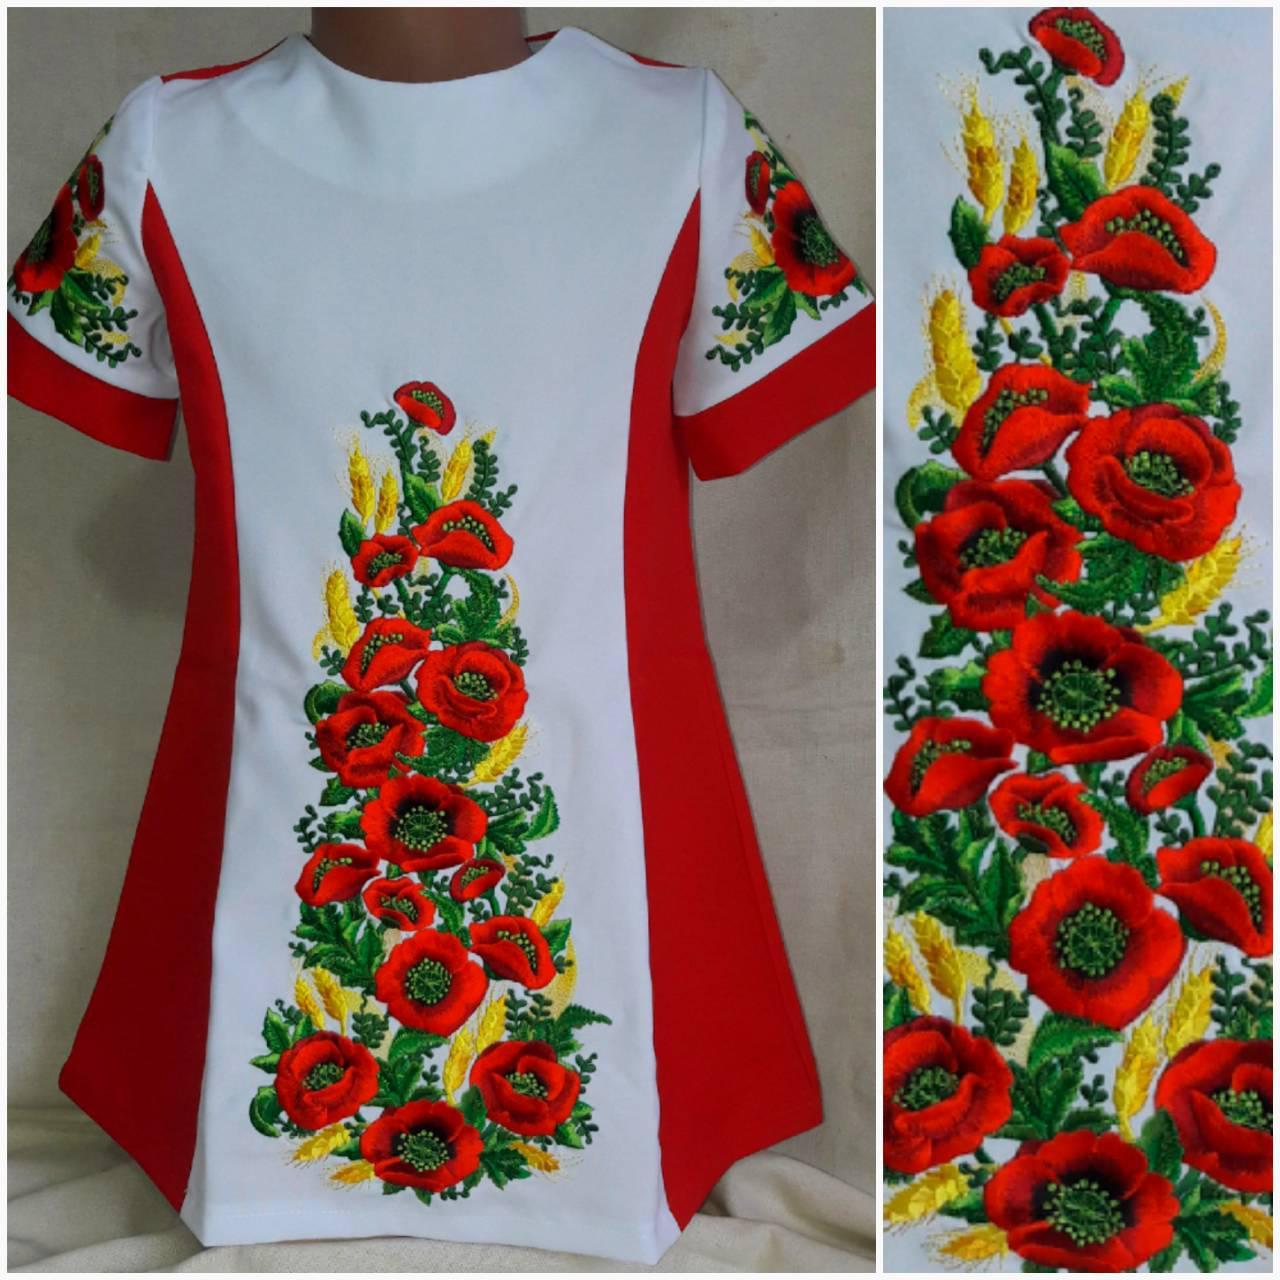 """Вышитое платье для девочки """"Украинские маки с колос габардин, рост 116-134 см., 390/350 (цена за 1 шт+ 40 гр.)"""